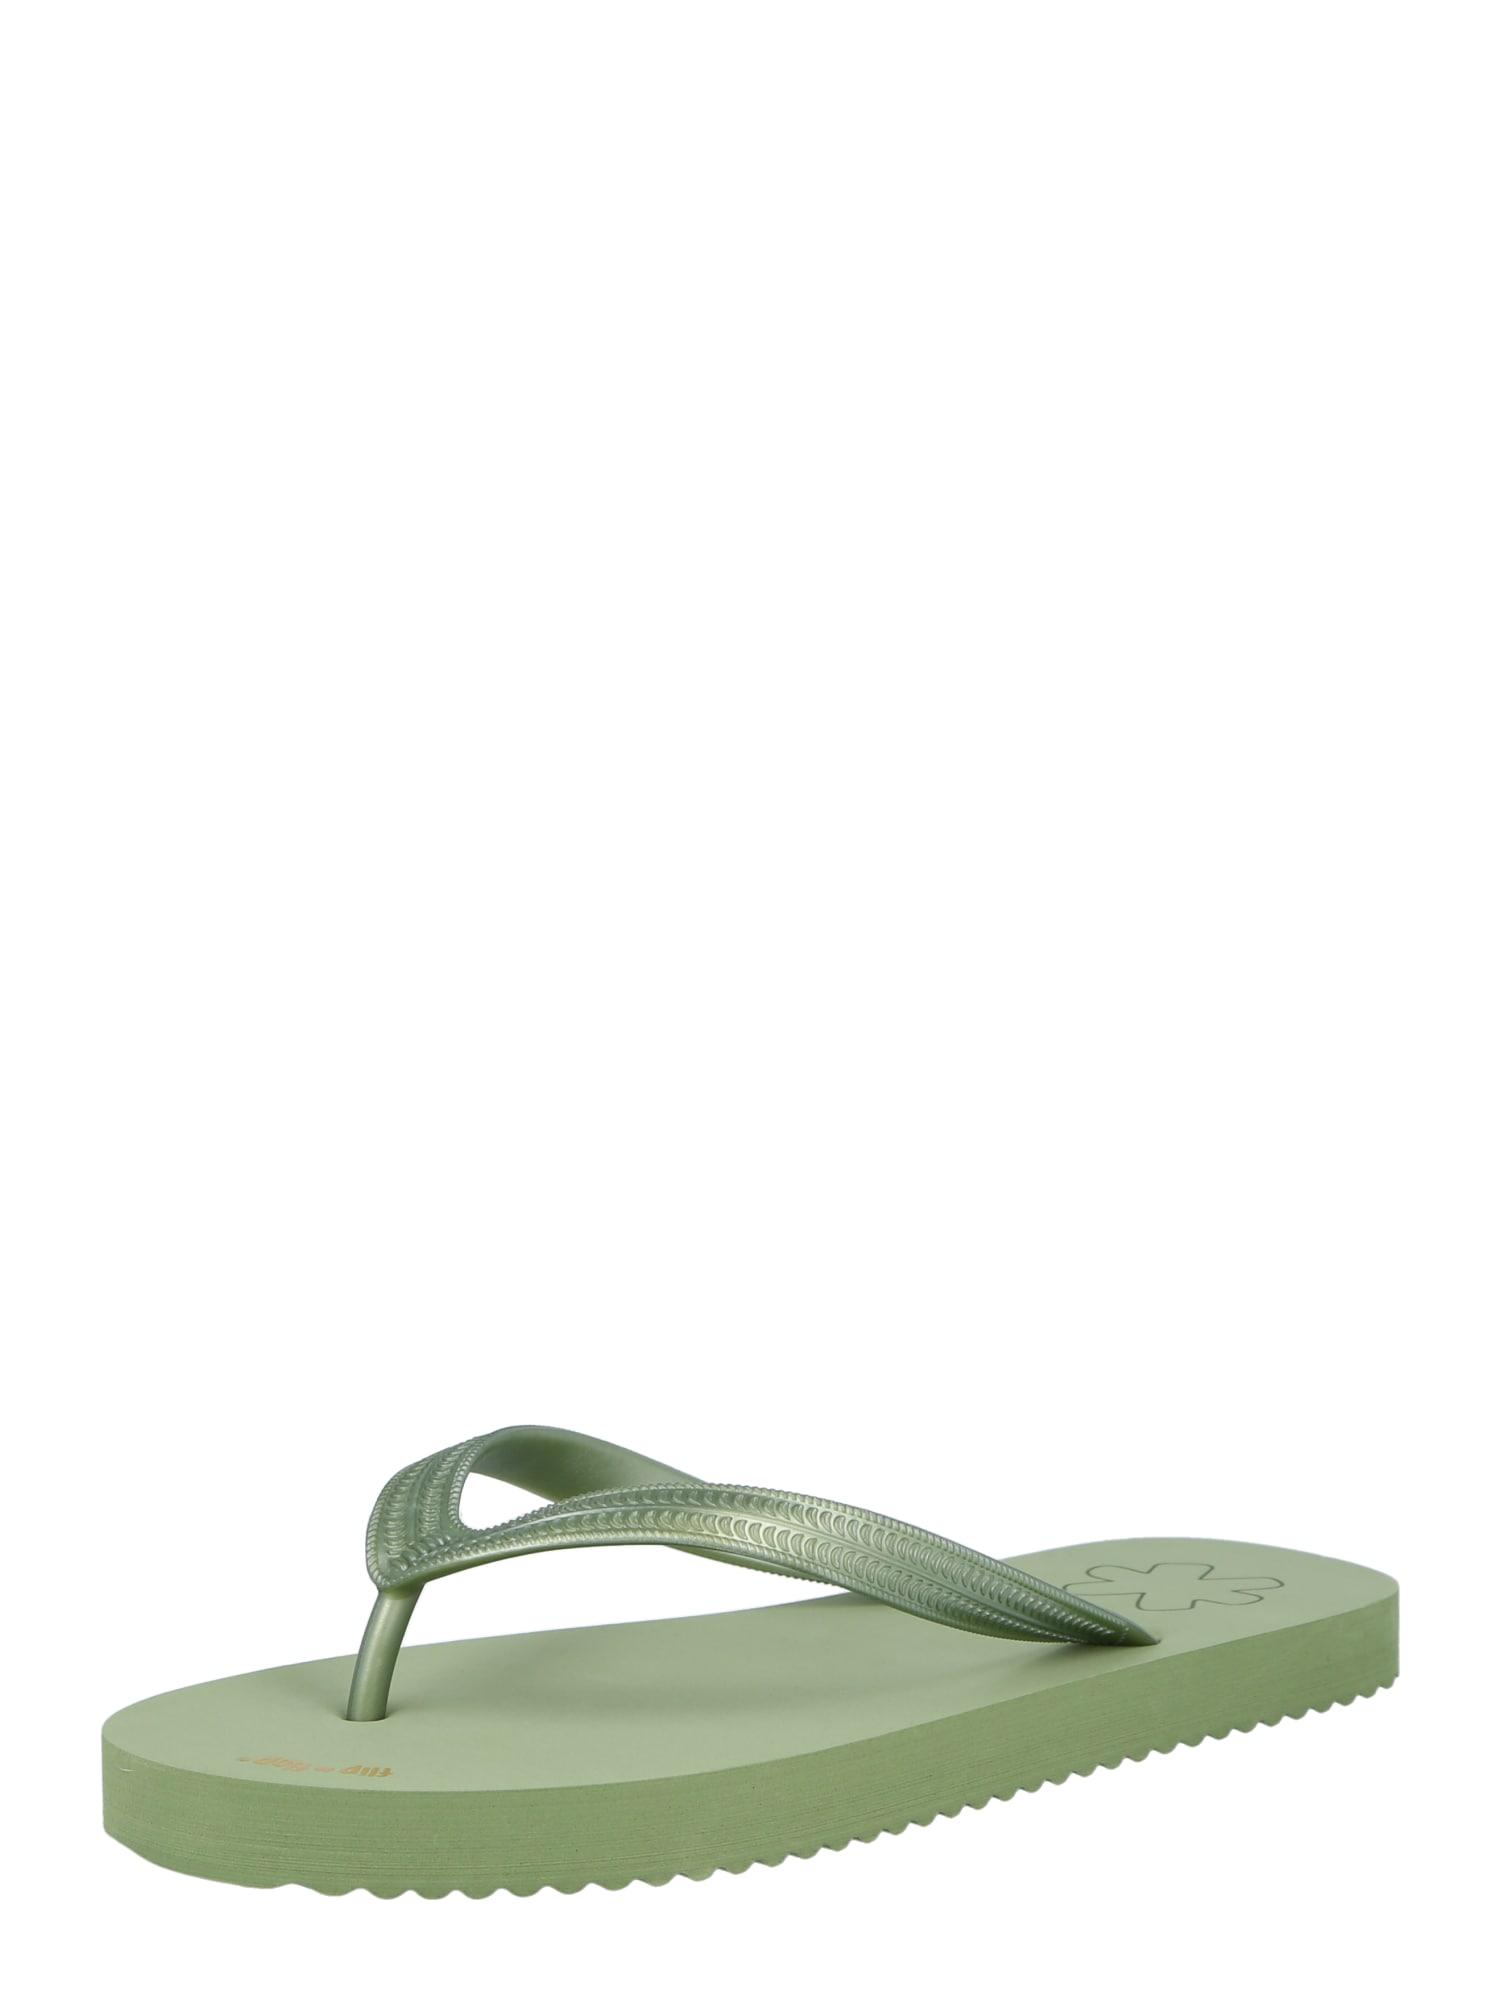 FLIP*FLOP Šlepetės per pirštą žalia